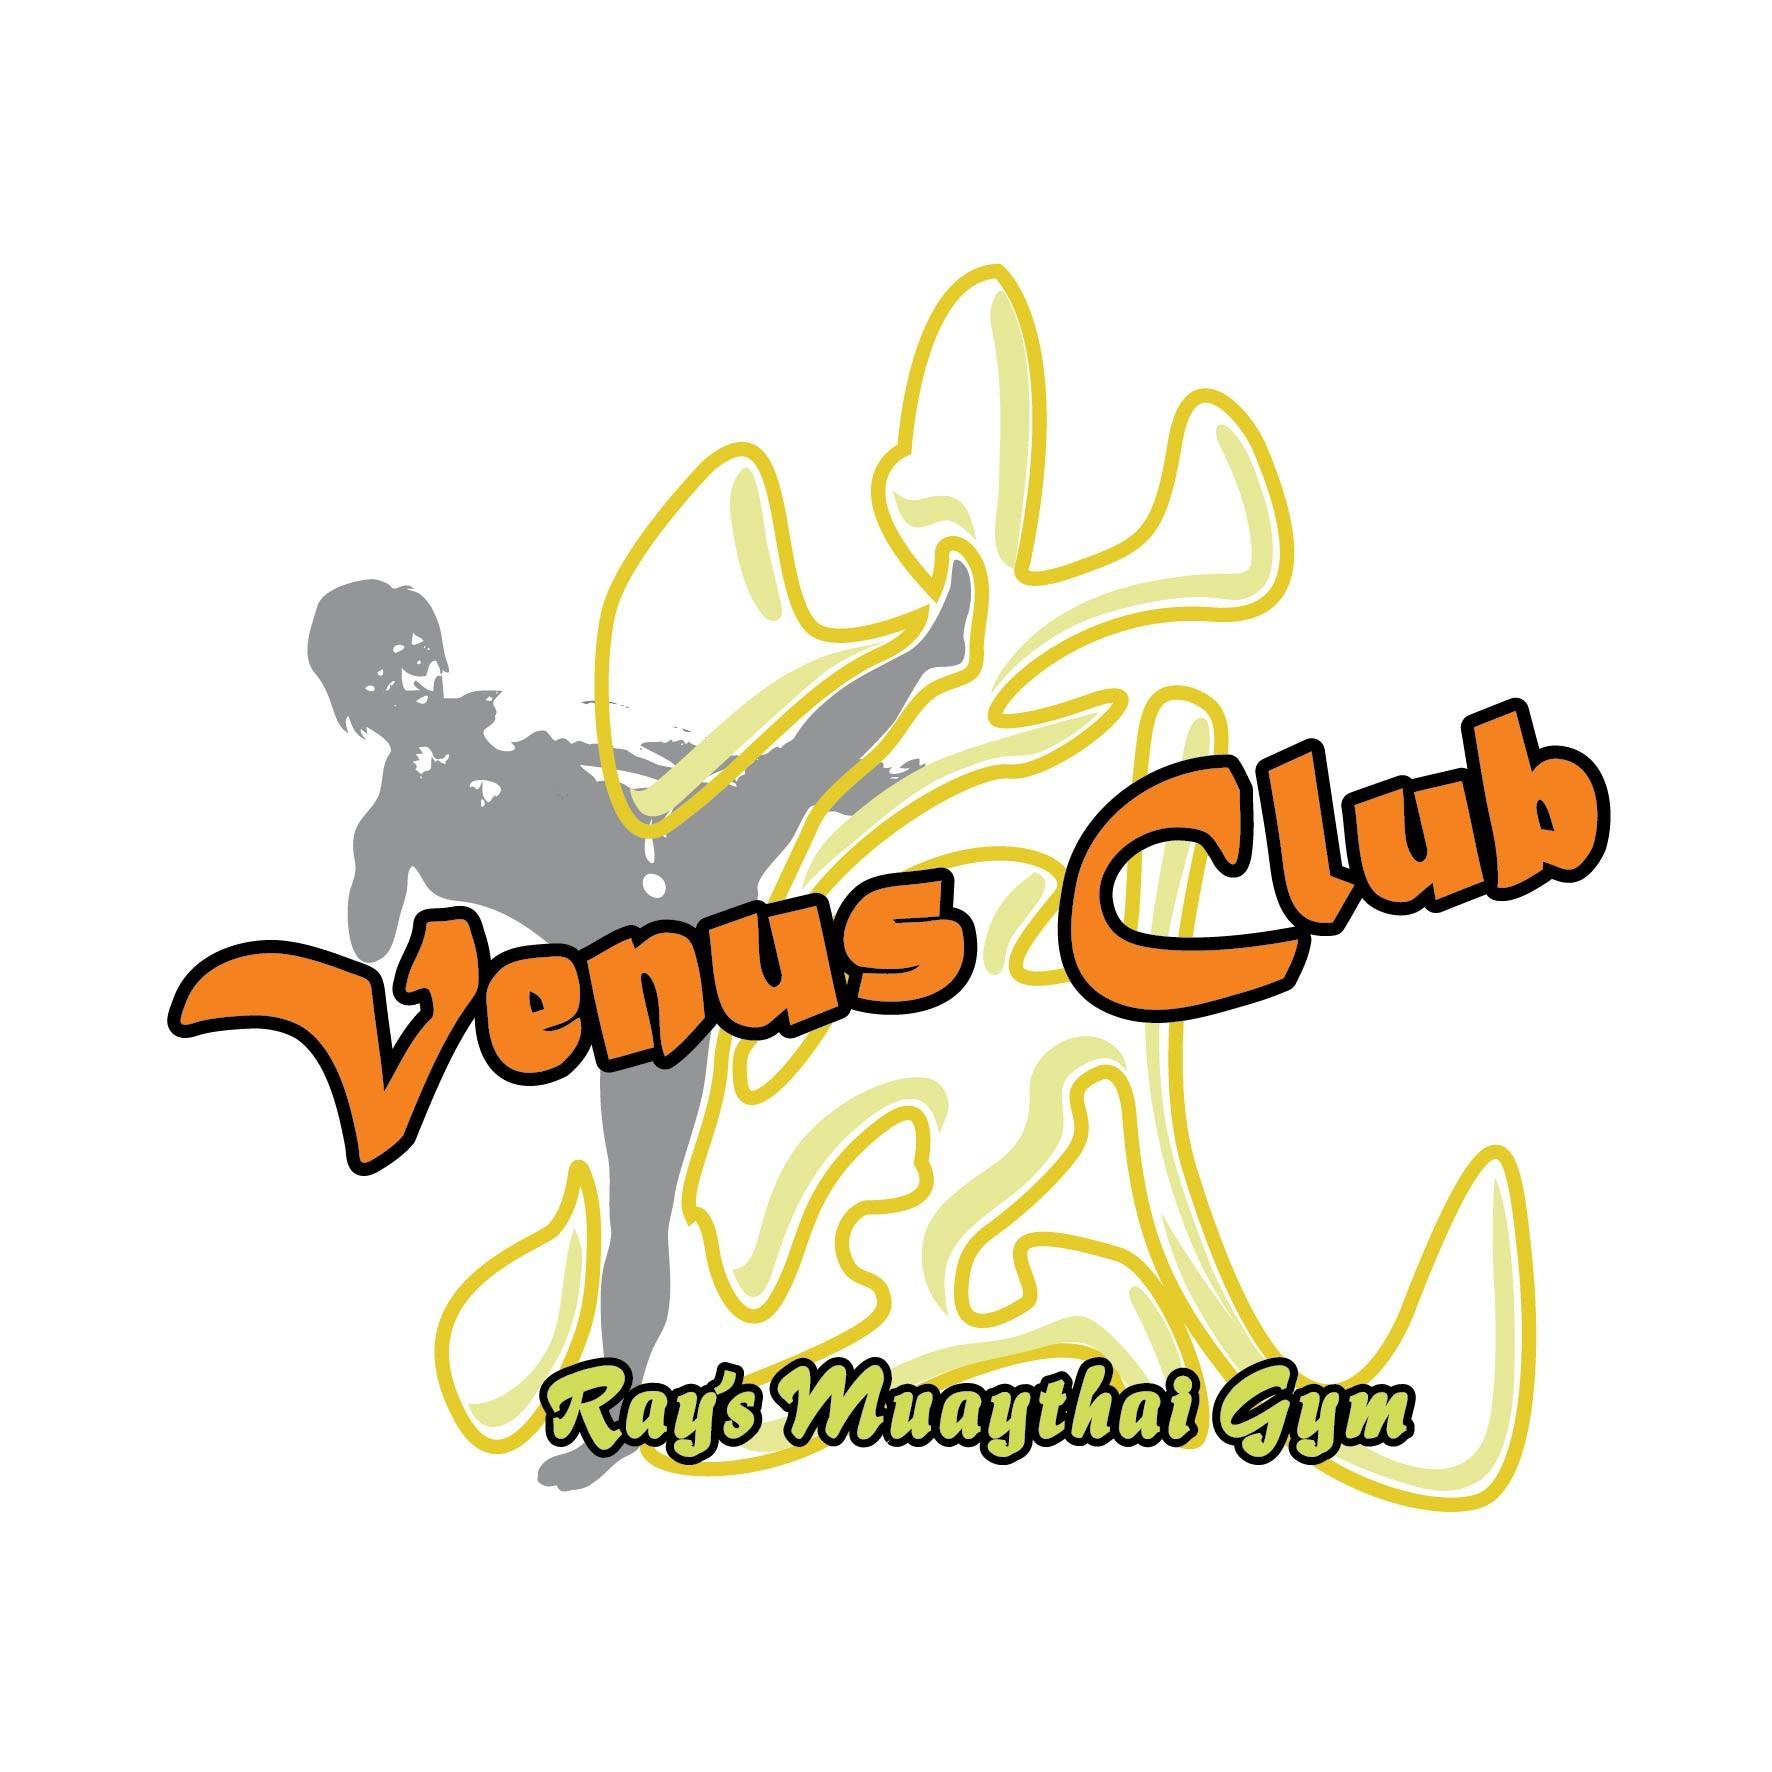 Venus Club商標